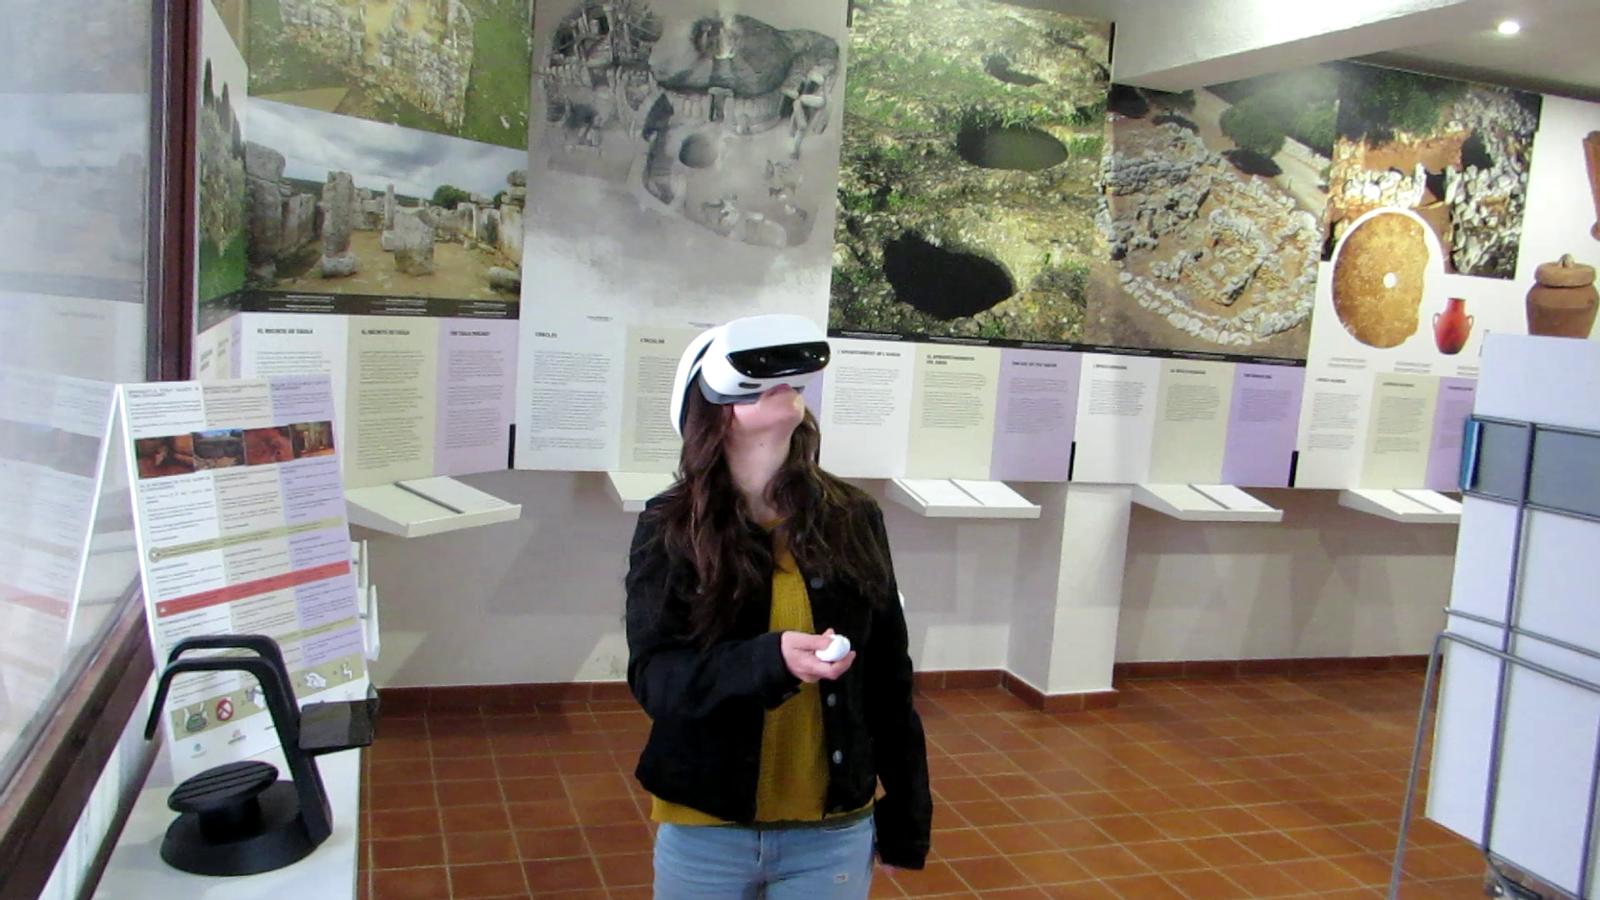 Els usuaris podran viure una experiència virtual gràcies a l'arribada de les noves tecnologies comunicatives.